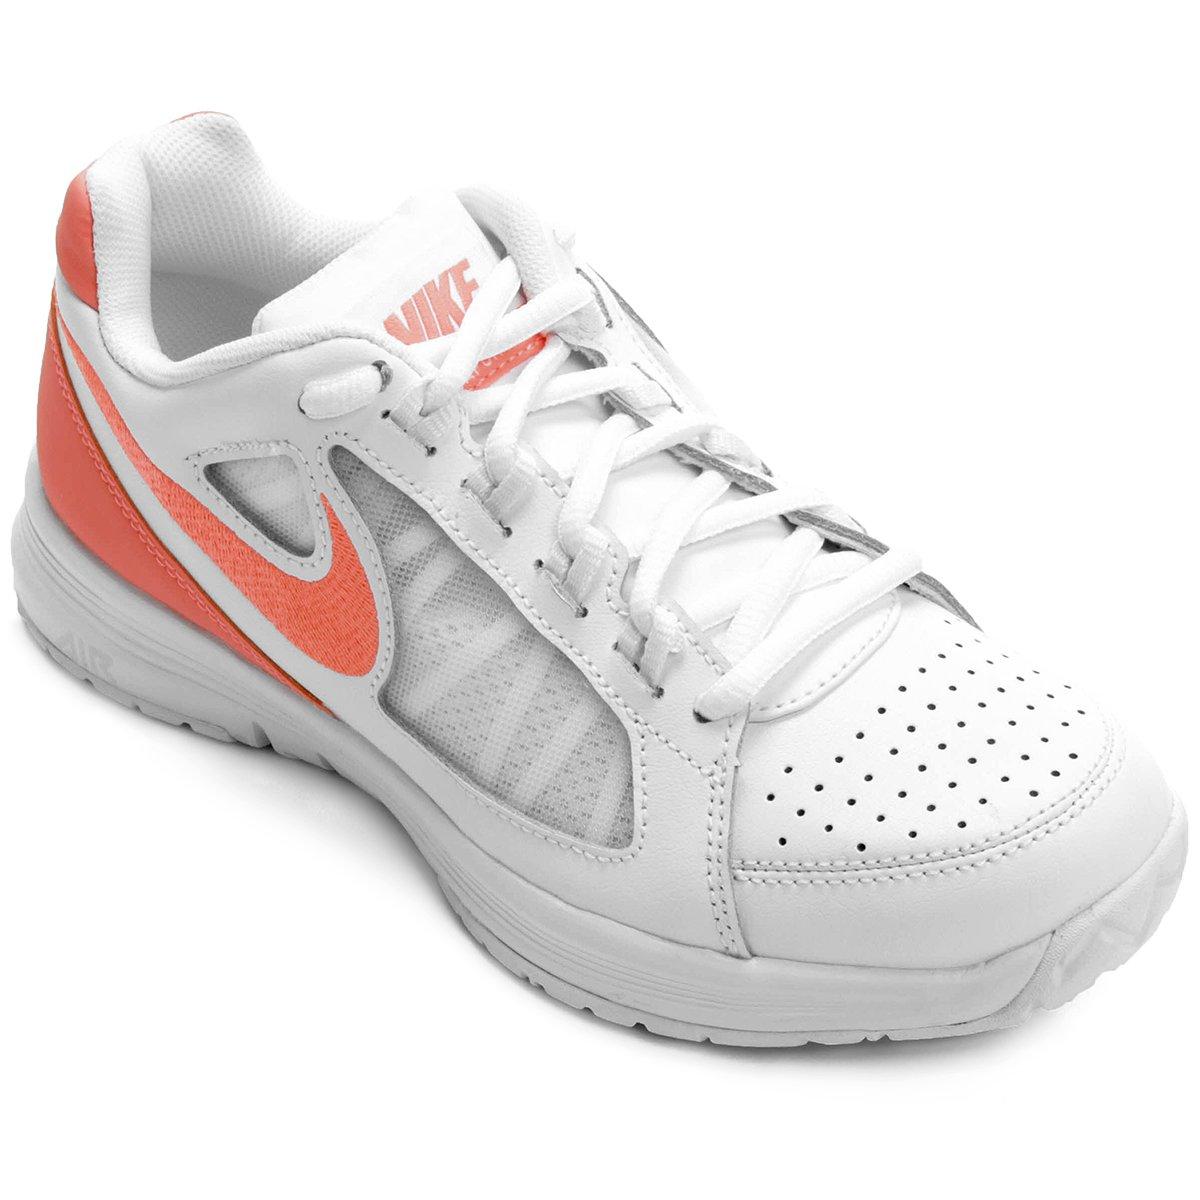 873e4c7171 Tênis Nike Air Vapor Ace Feminino - Branco e Salmão - Compre Agora ...